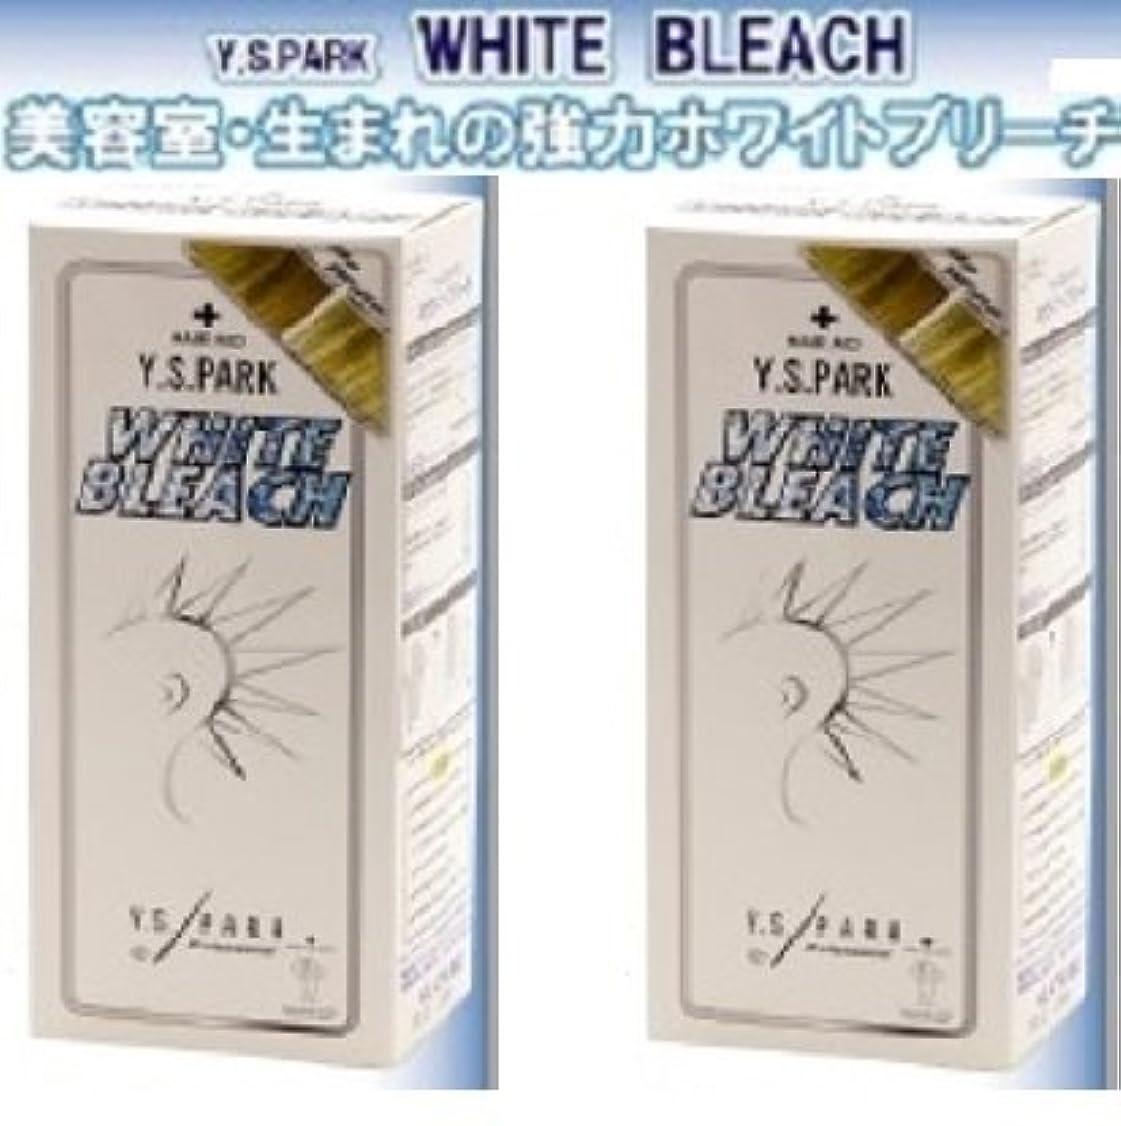 所得宮殿港【YSPARK 】ホワイトブリーチ ×2個セット(お得な2個組)美容室生まれの強力ホワイトブリーチ